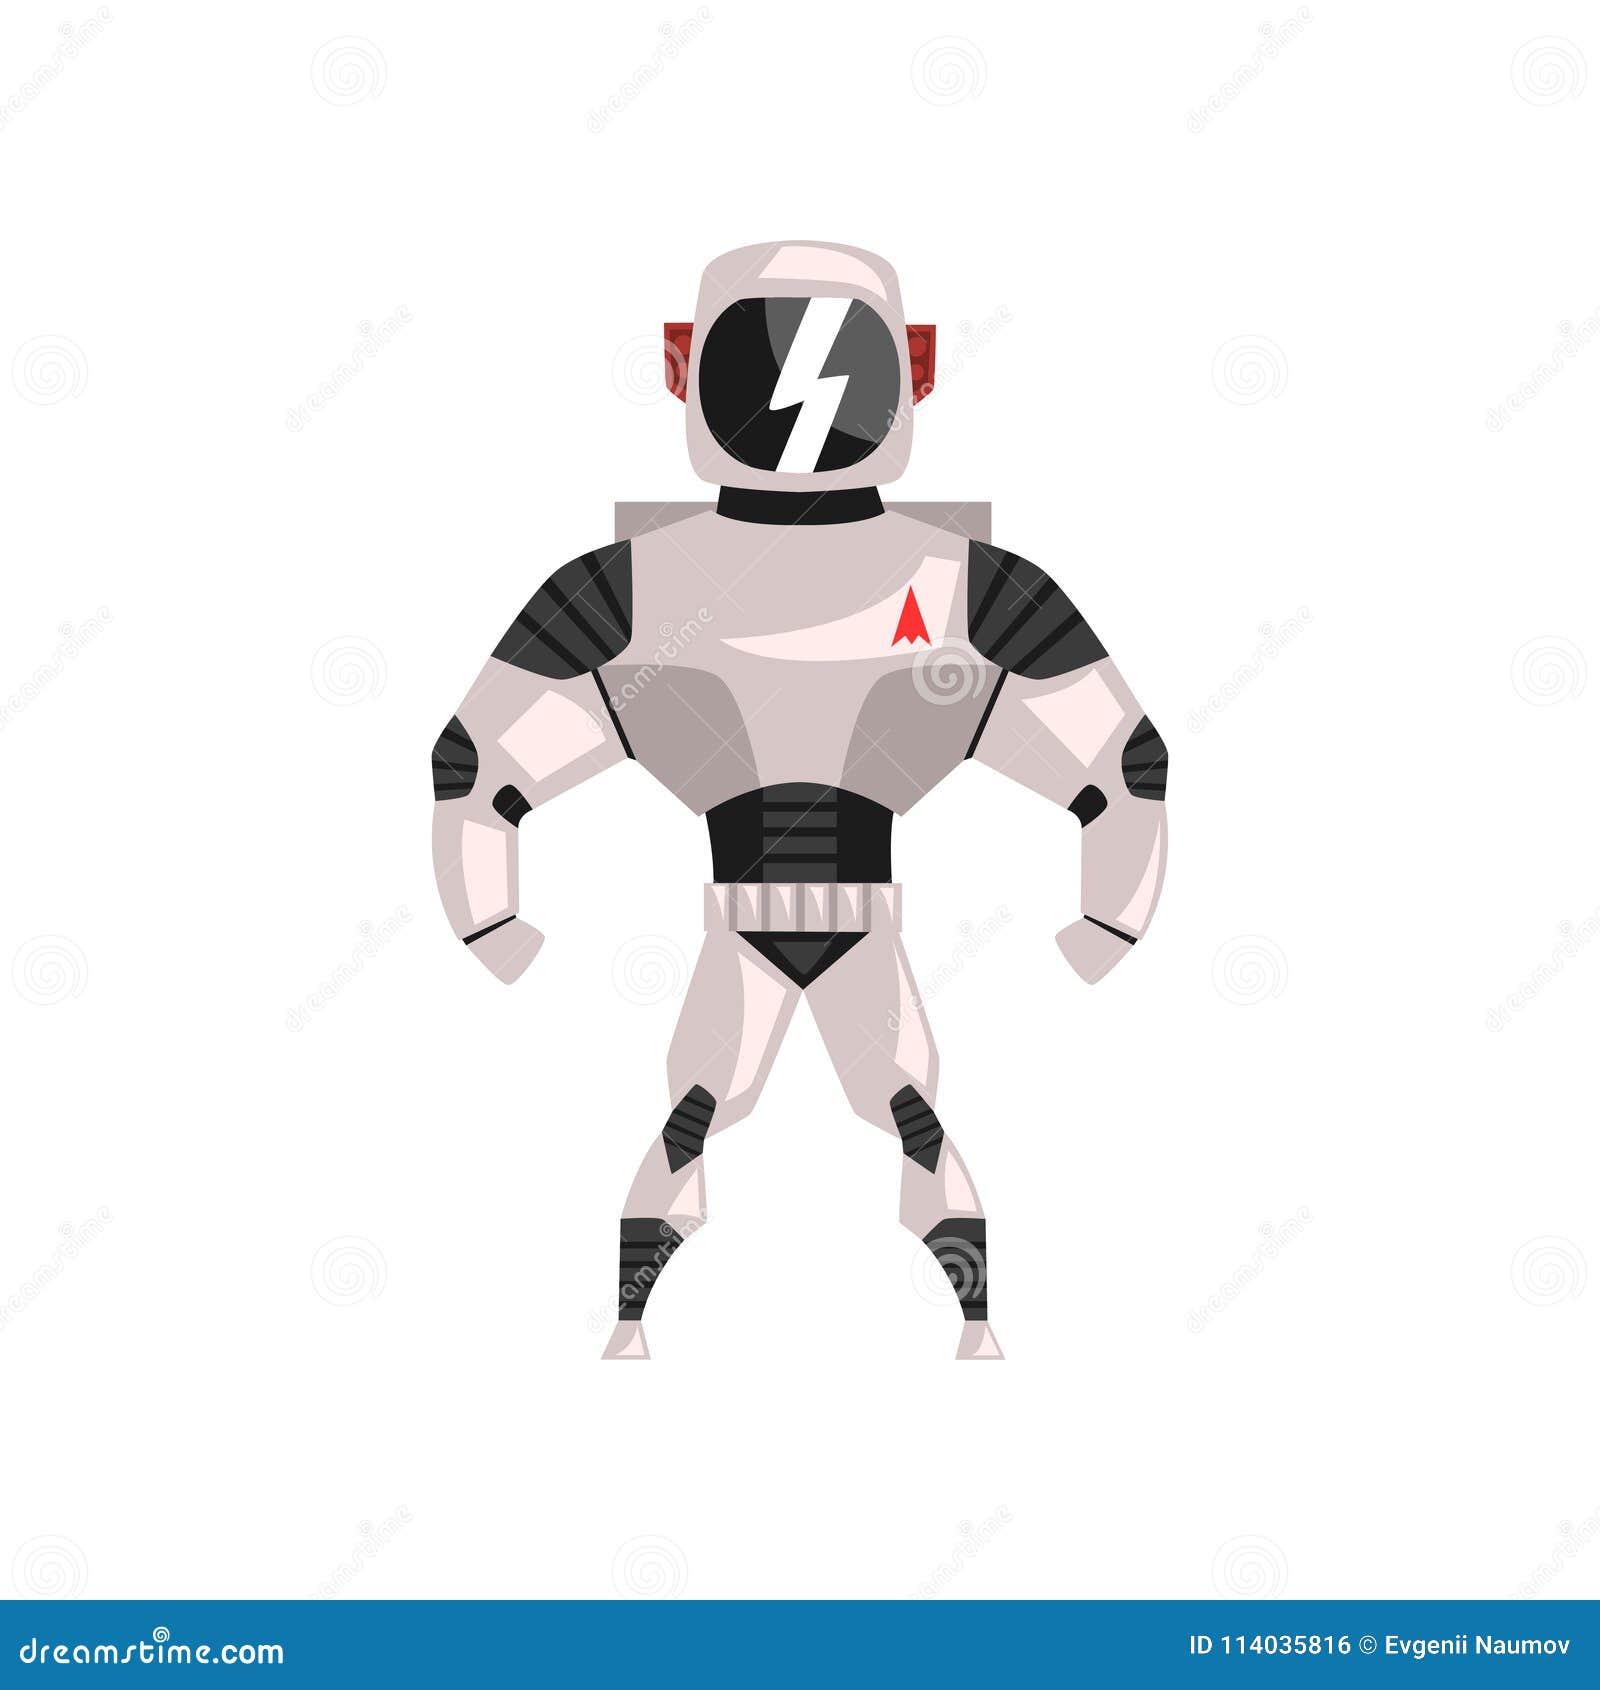 Φόρμα αστροναύτη ρομπότ, superhero, cyborg διανυσματική απεικόνιση κοστουμιών σε ένα άσπρο υπόβαθρο